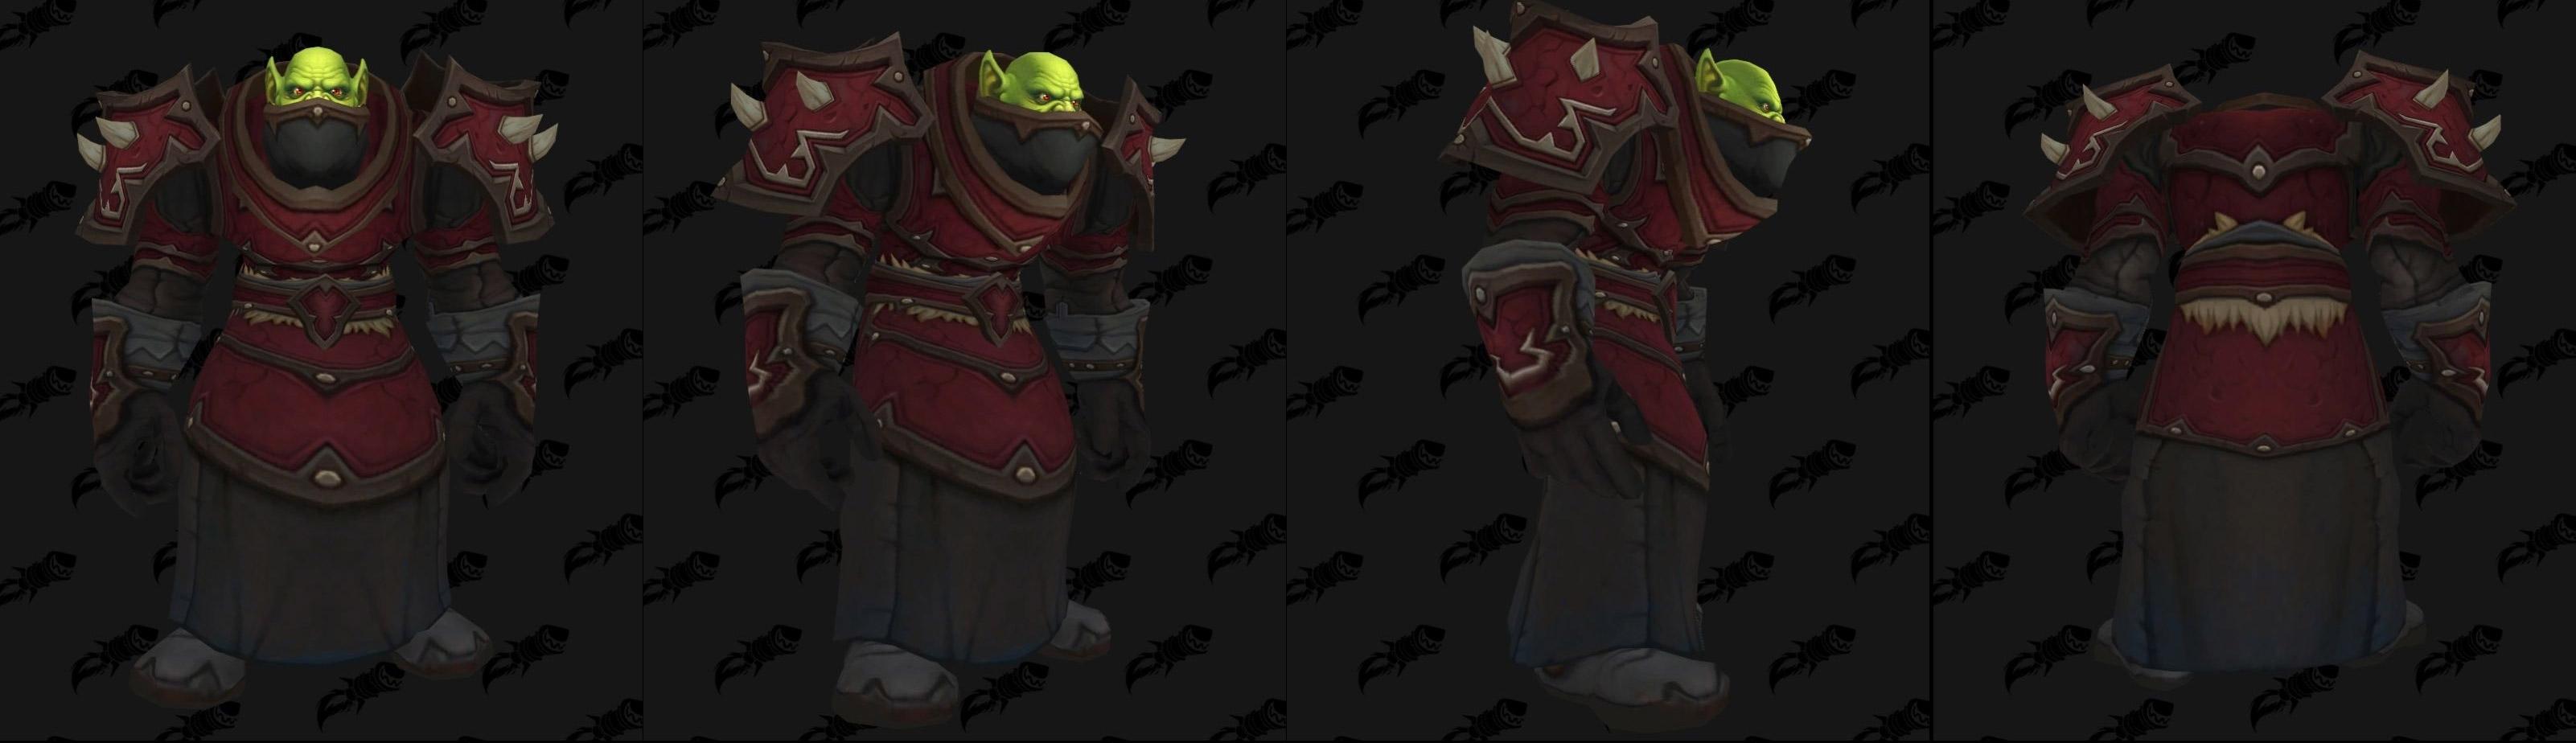 Armures cuir (Horde) - Fronts de guerre Tier 1 - Coloris 2